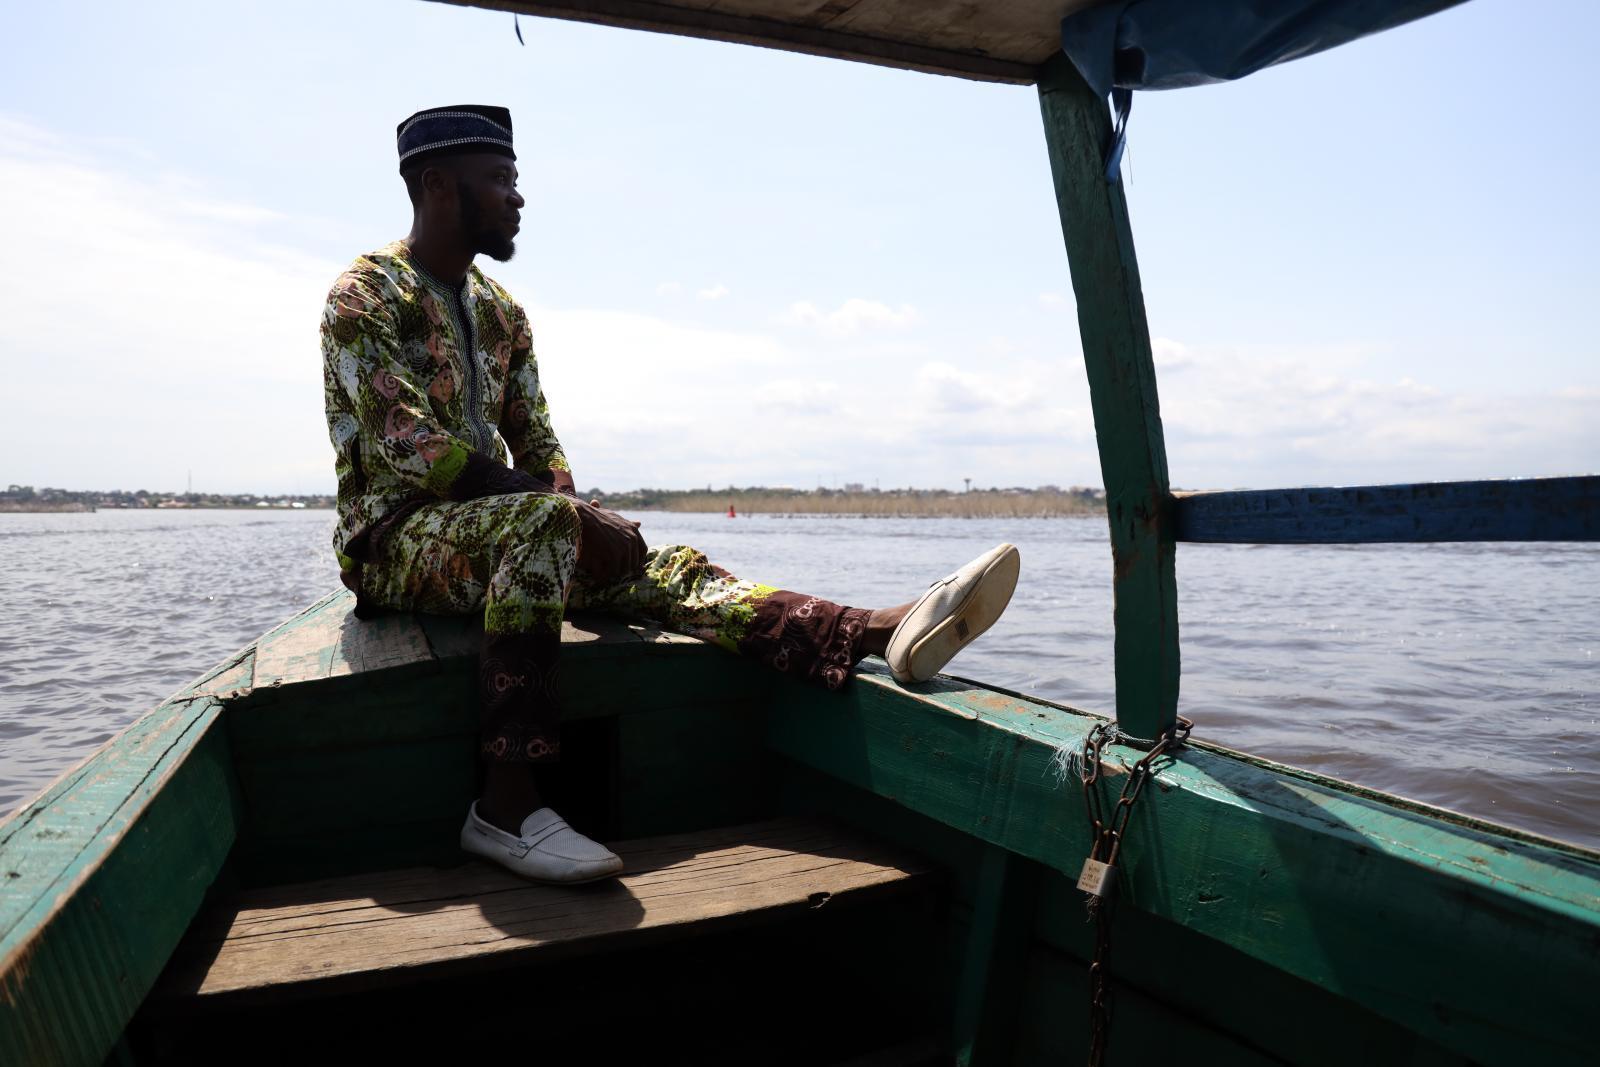 """""""เก่ง-ฝ้าย"""" บุกตะลุยถิ่นแอฟริกาตะวันตก เปิดชีวิตลึกลับ """"หมอผีวูดู"""" ใน """"ปักหมุดสุดขอบโลก"""" ซีซั่นใหม่"""